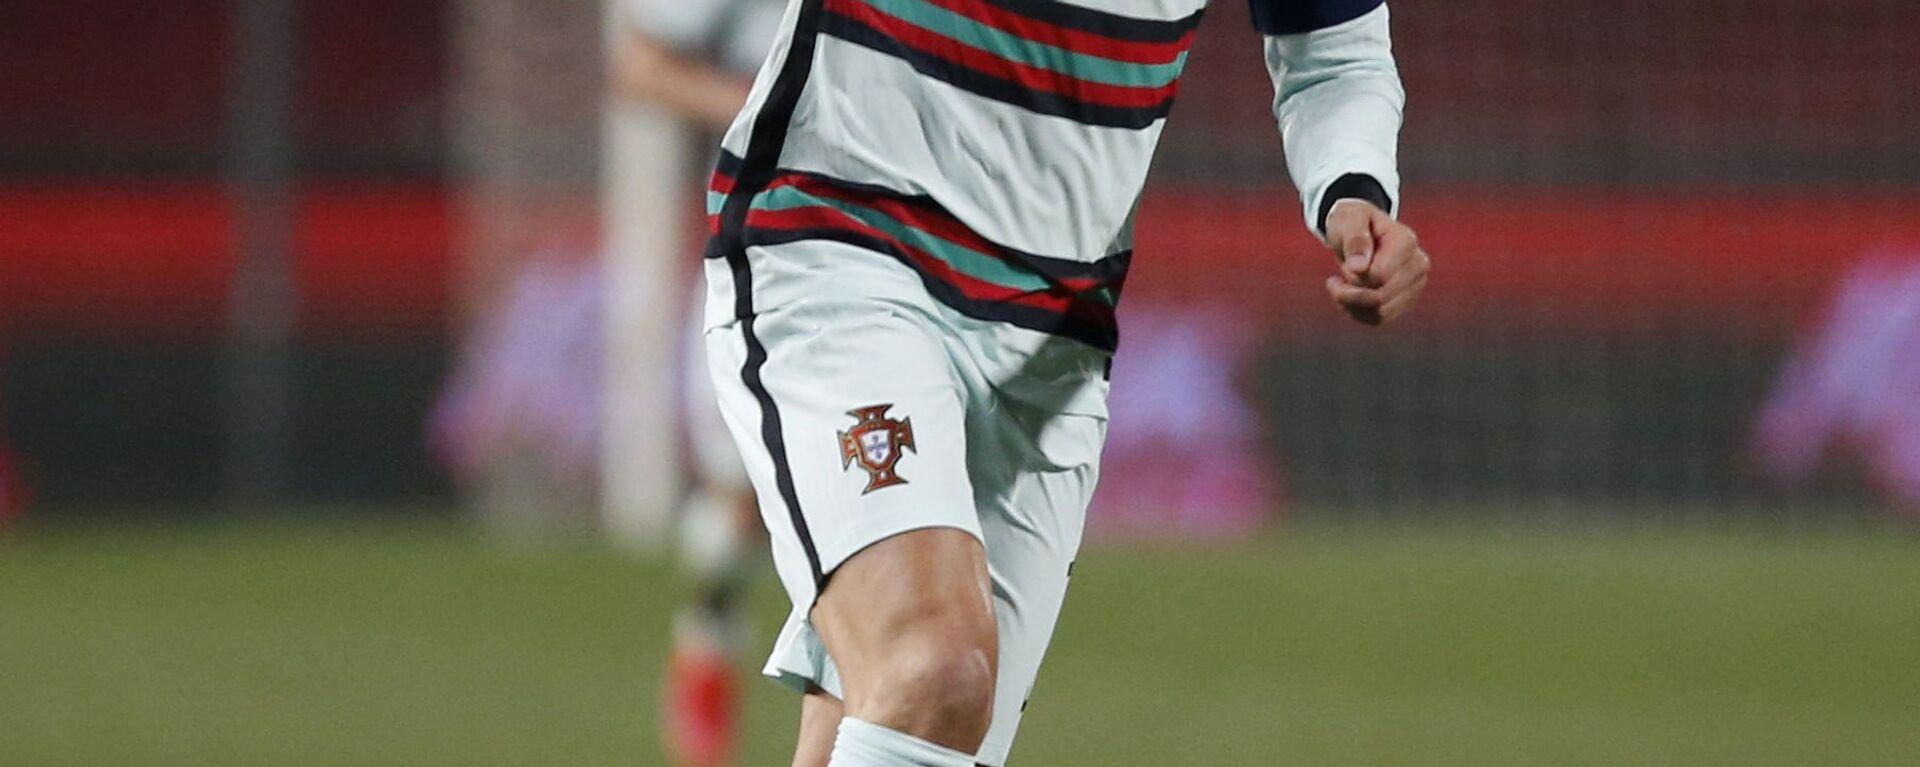 Cristiano Ronaldo in nazionale - Sputnik Italia, 1920, 31.08.2021